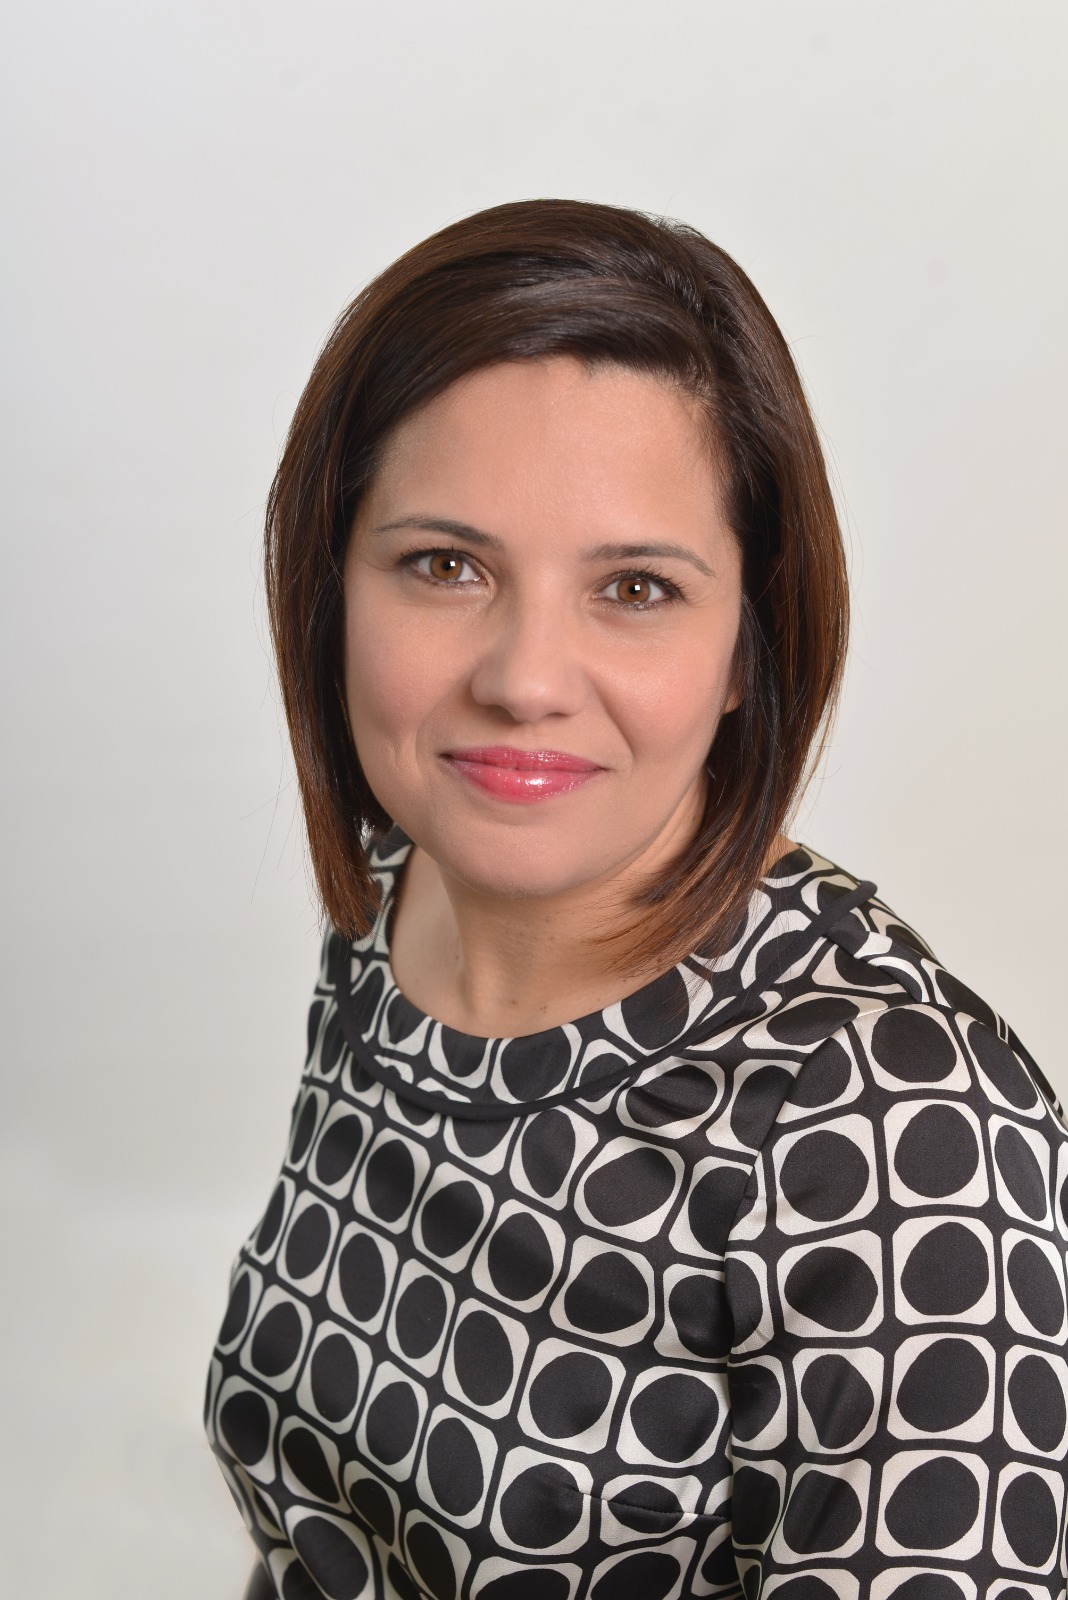 Emanuela Laconca